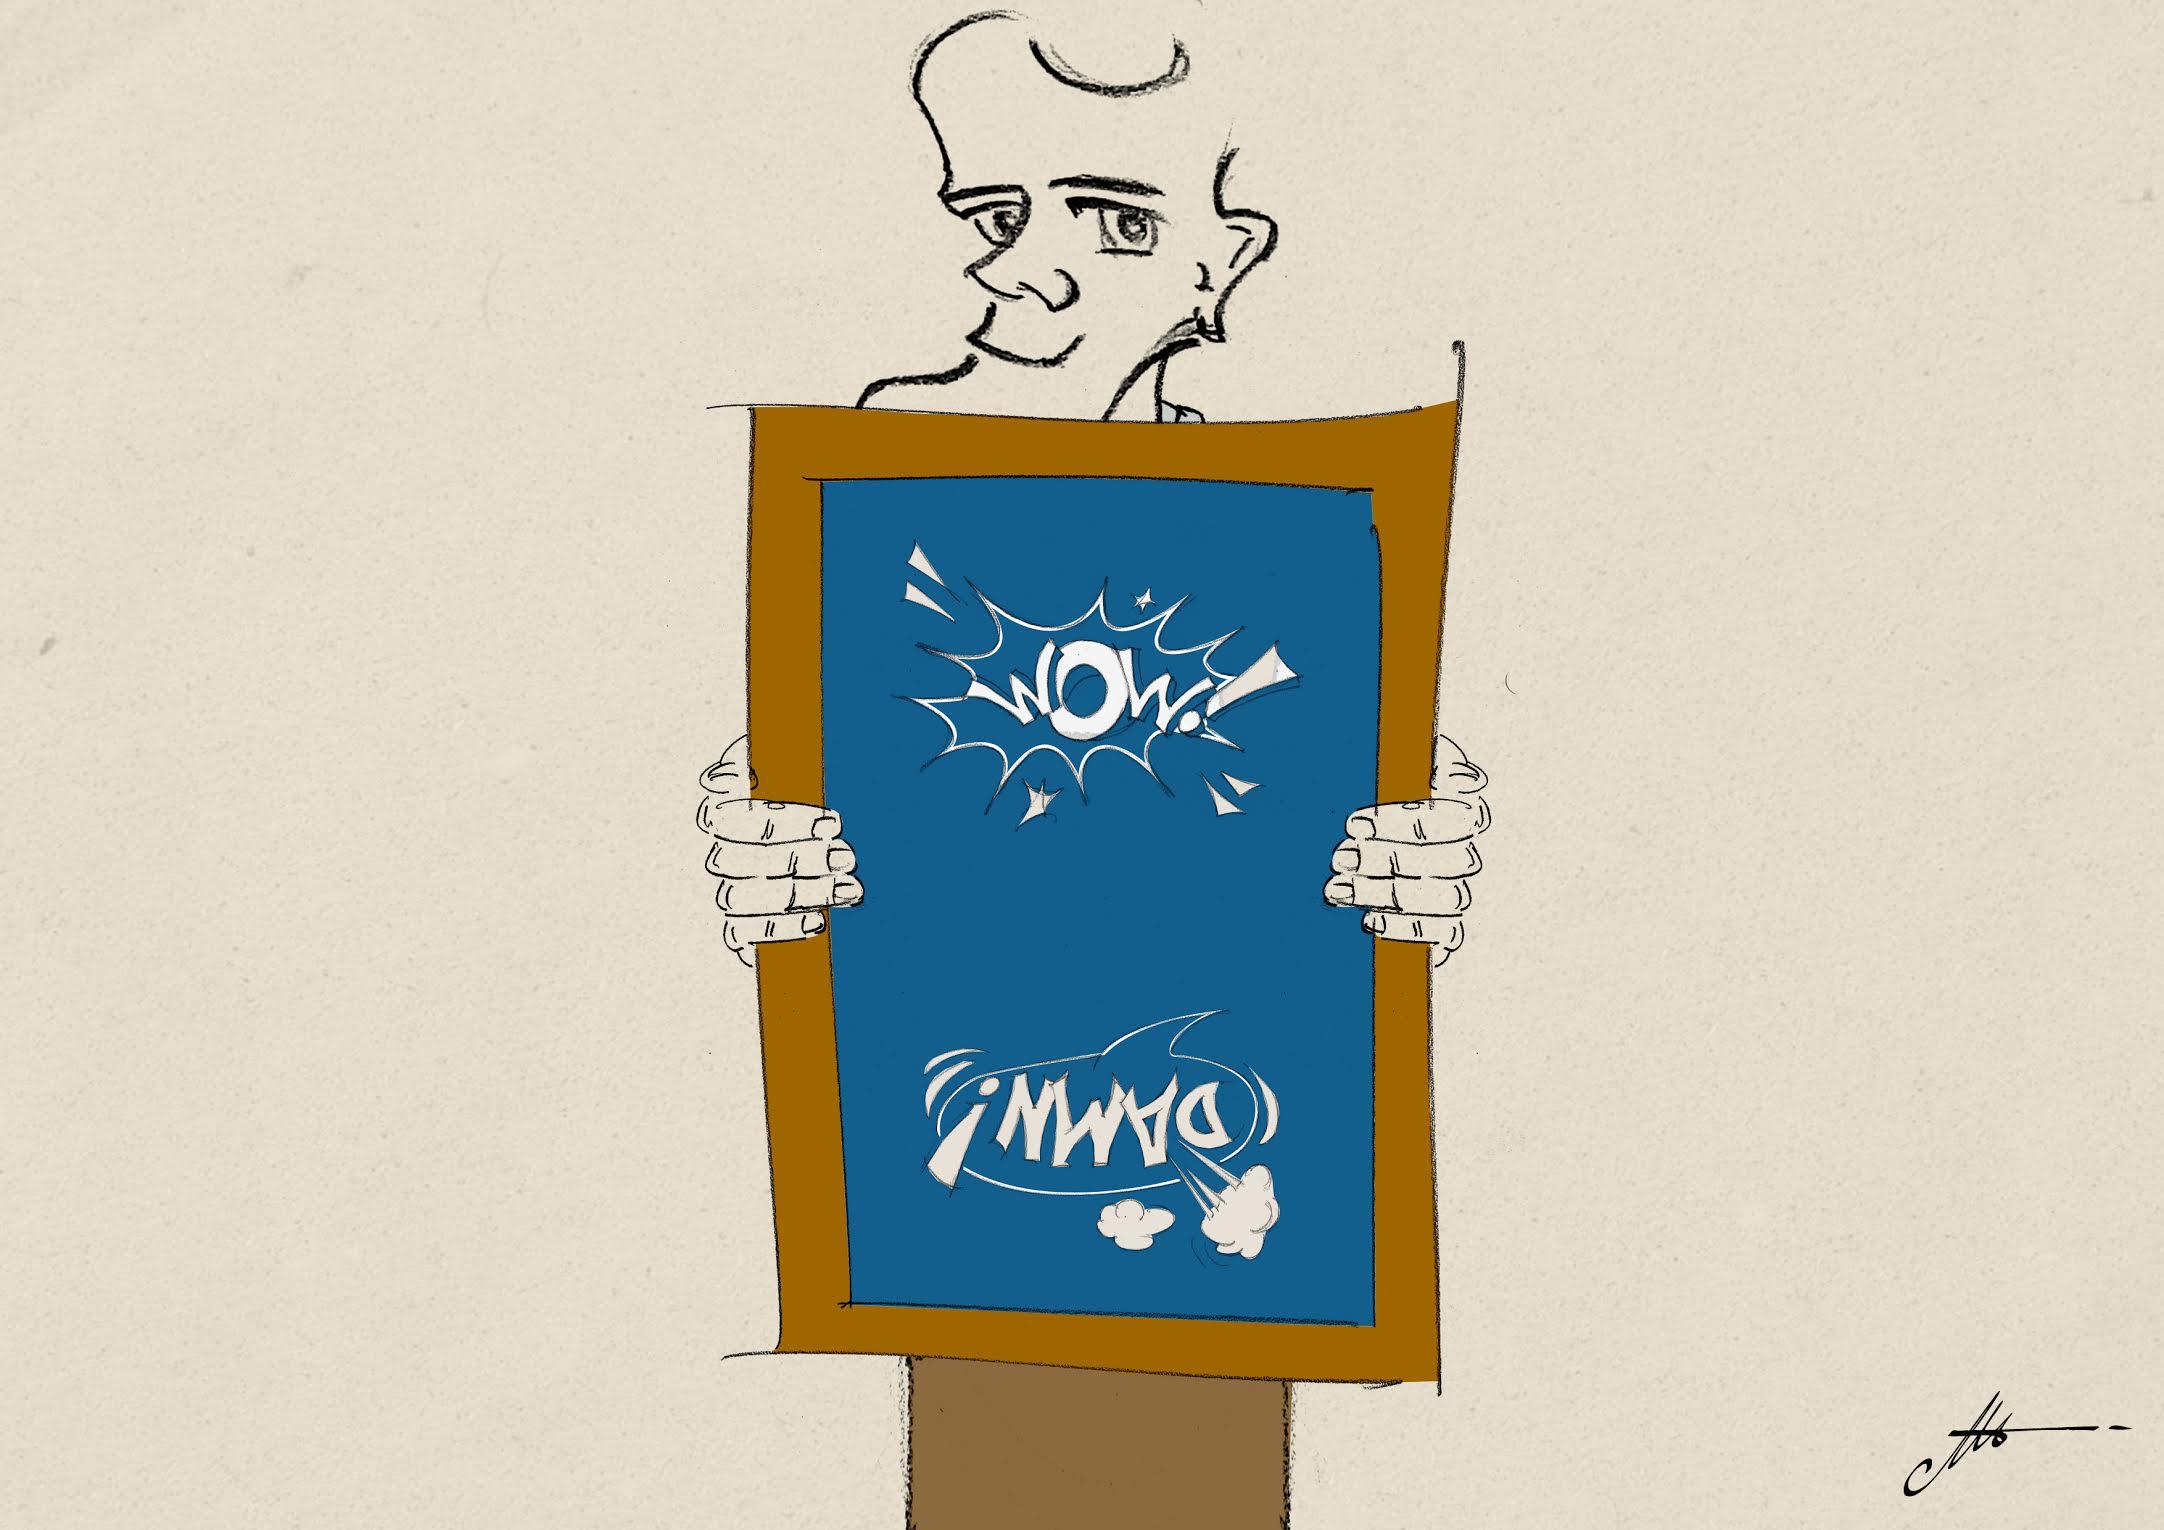 stampare loghi su tshirt serigrafia